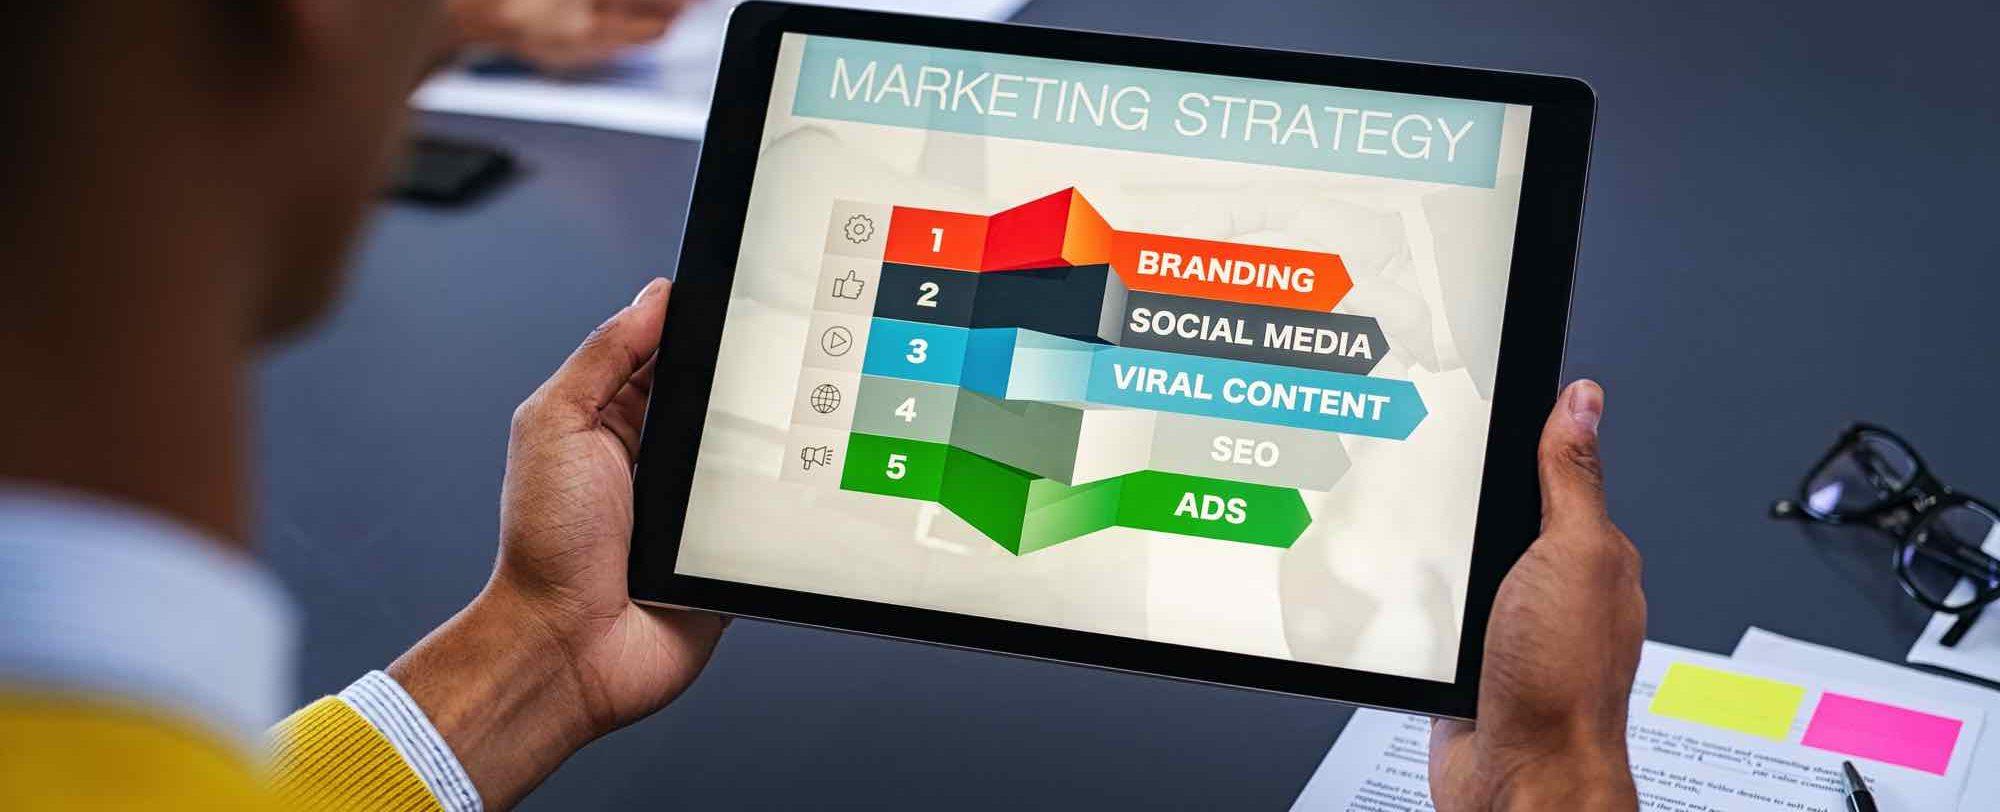 digital-marketing-strategy-N7XCHV3.jpg